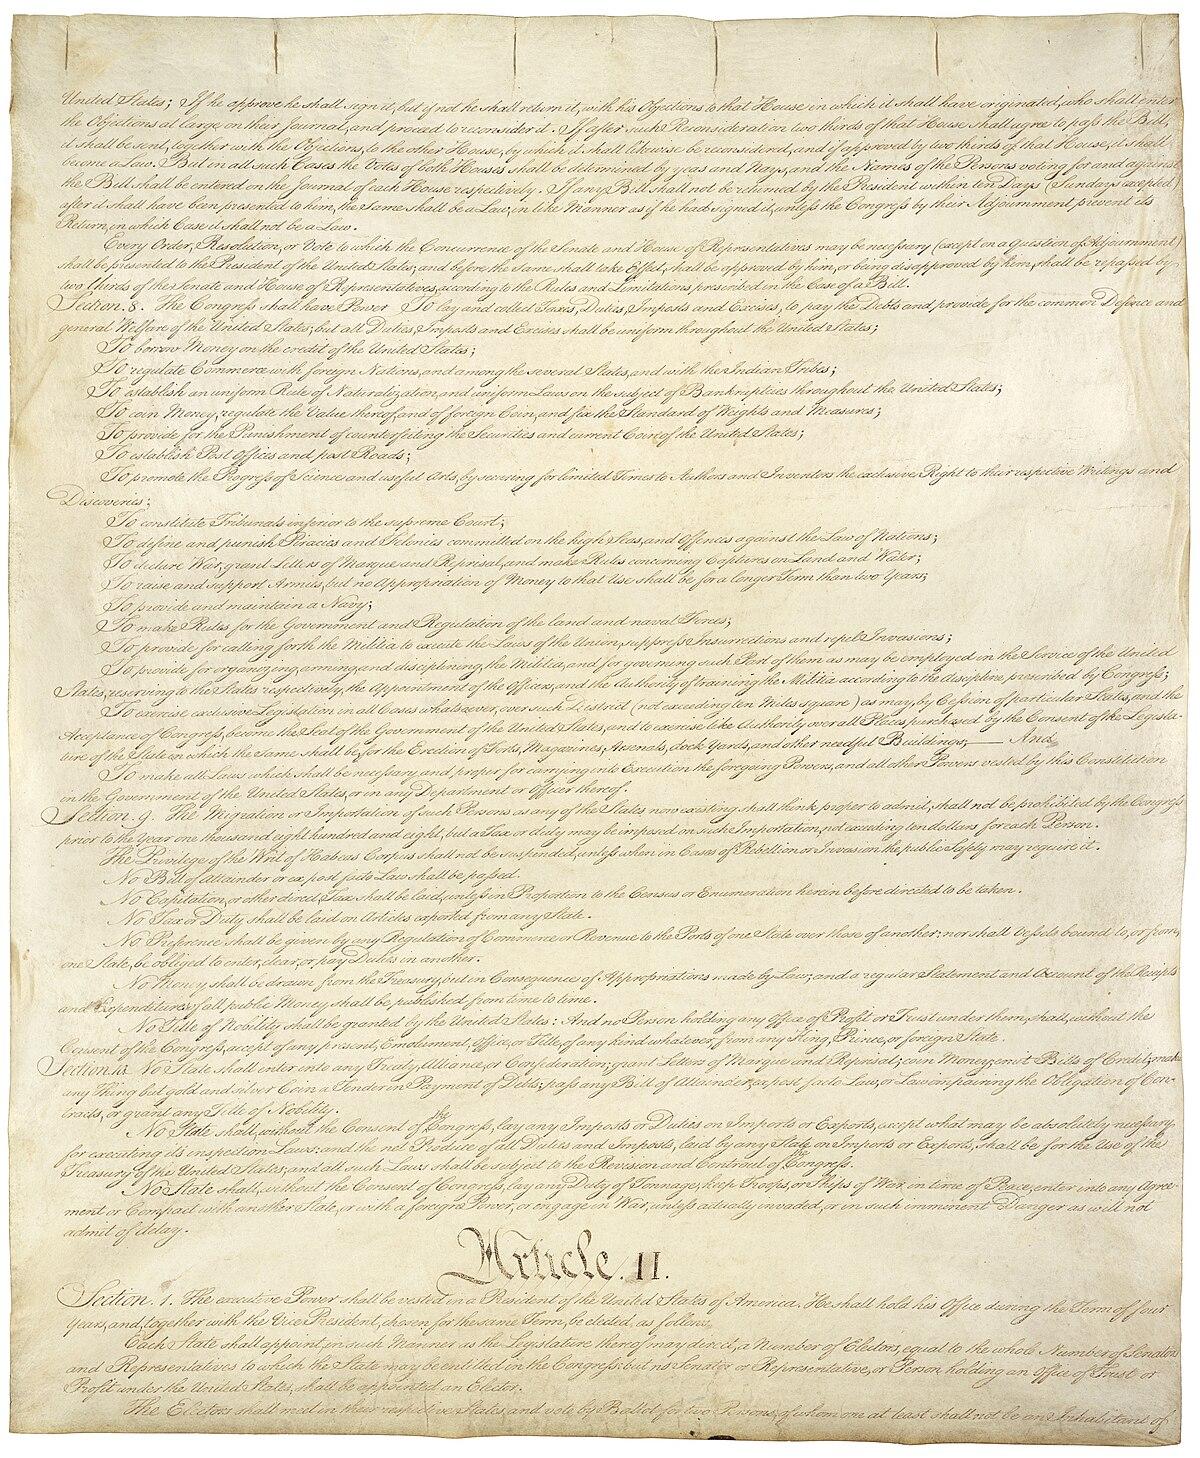 Artículo II de la Constitución de los Estados Unidos - Wikipedia, la ...